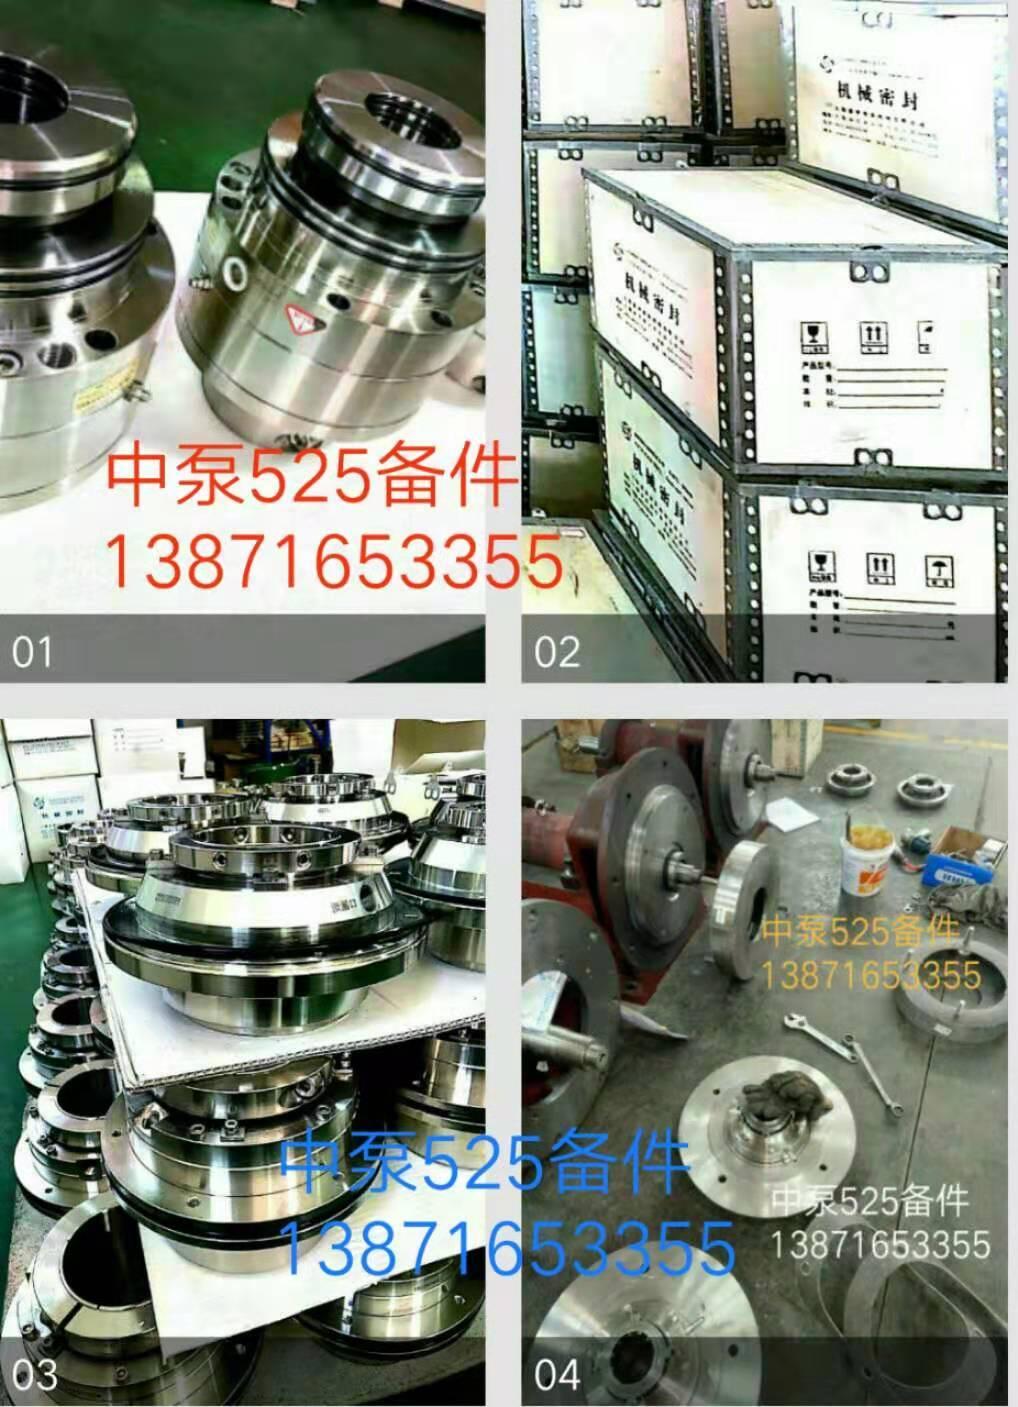 山東五二五泵耐磨板 LC500/700II耐磨板價格優惠